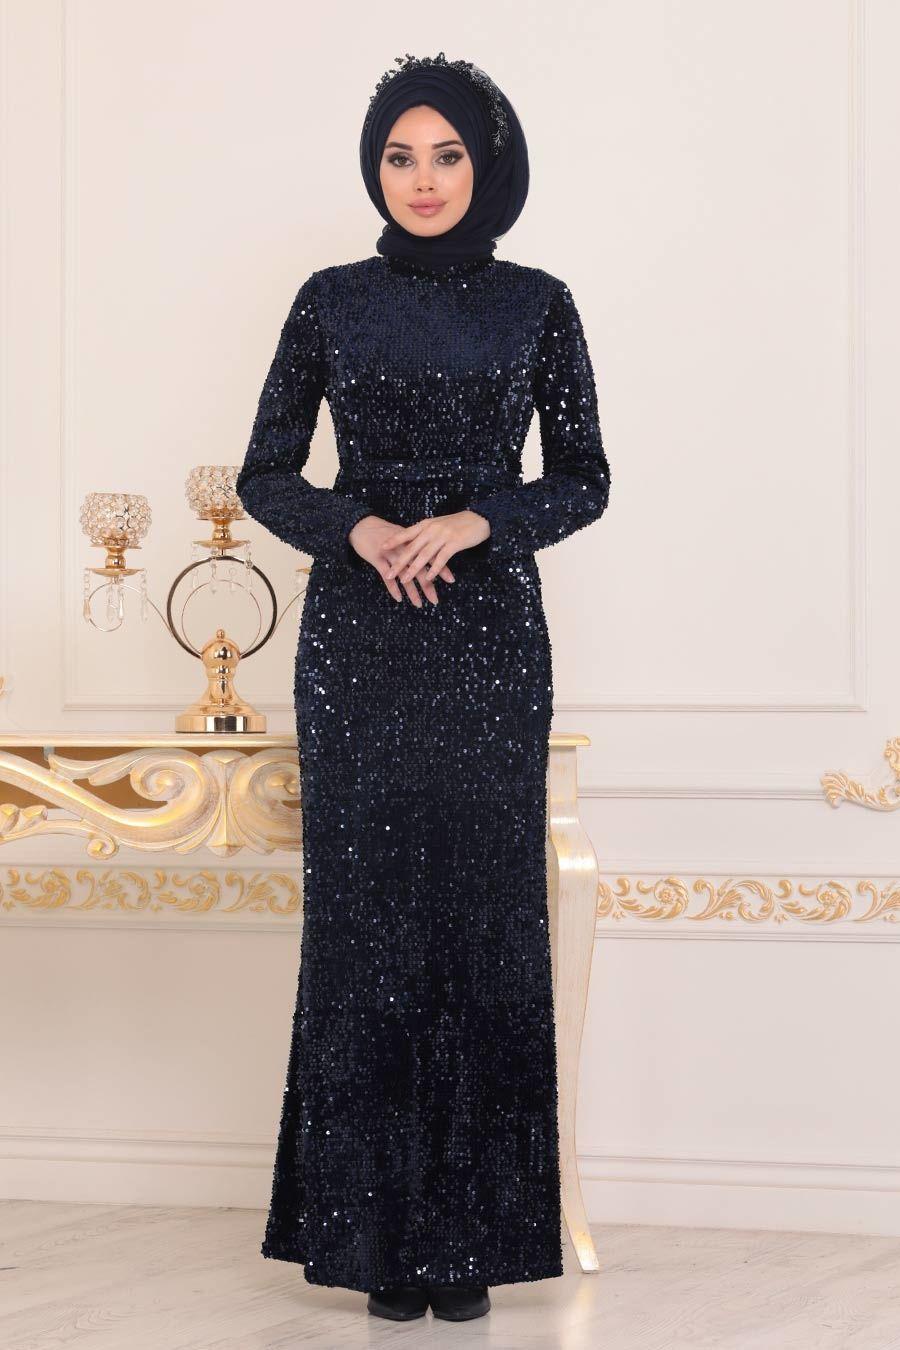 Tesetturlu Abiye Elbise Pul Payetli Lacivert Tesettur Abiye Elbise 8727l Tesetturisland Com Elbise Payet Musluman Modasi